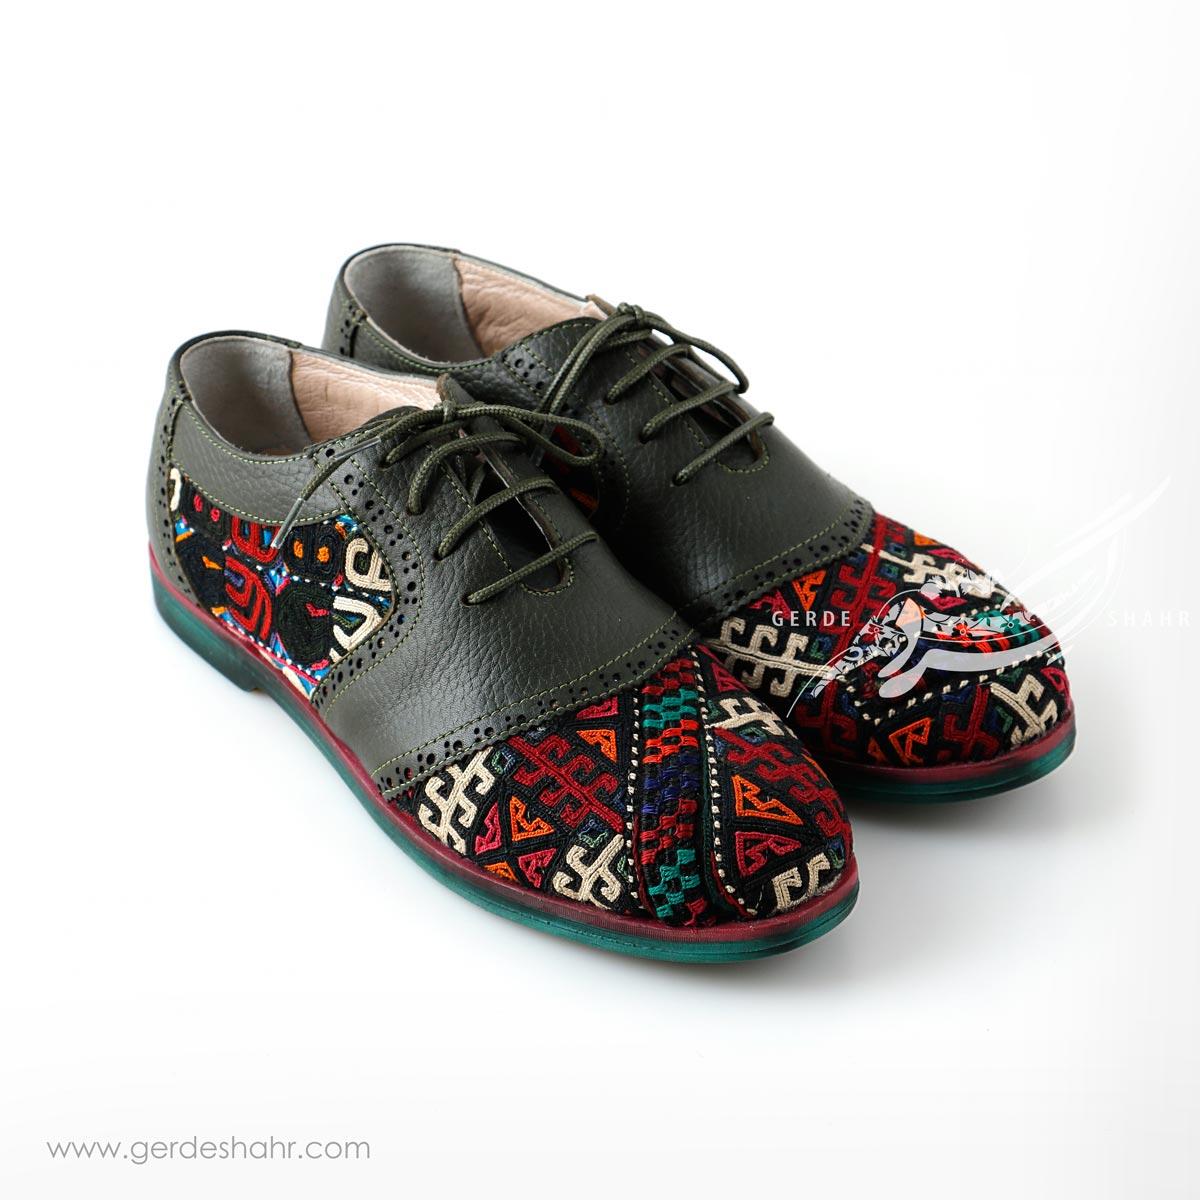 کفش دست دوز سبز یشمی تیره سوزندوزی ترکمن 4 سایز 40 چاوان گنجه رخت